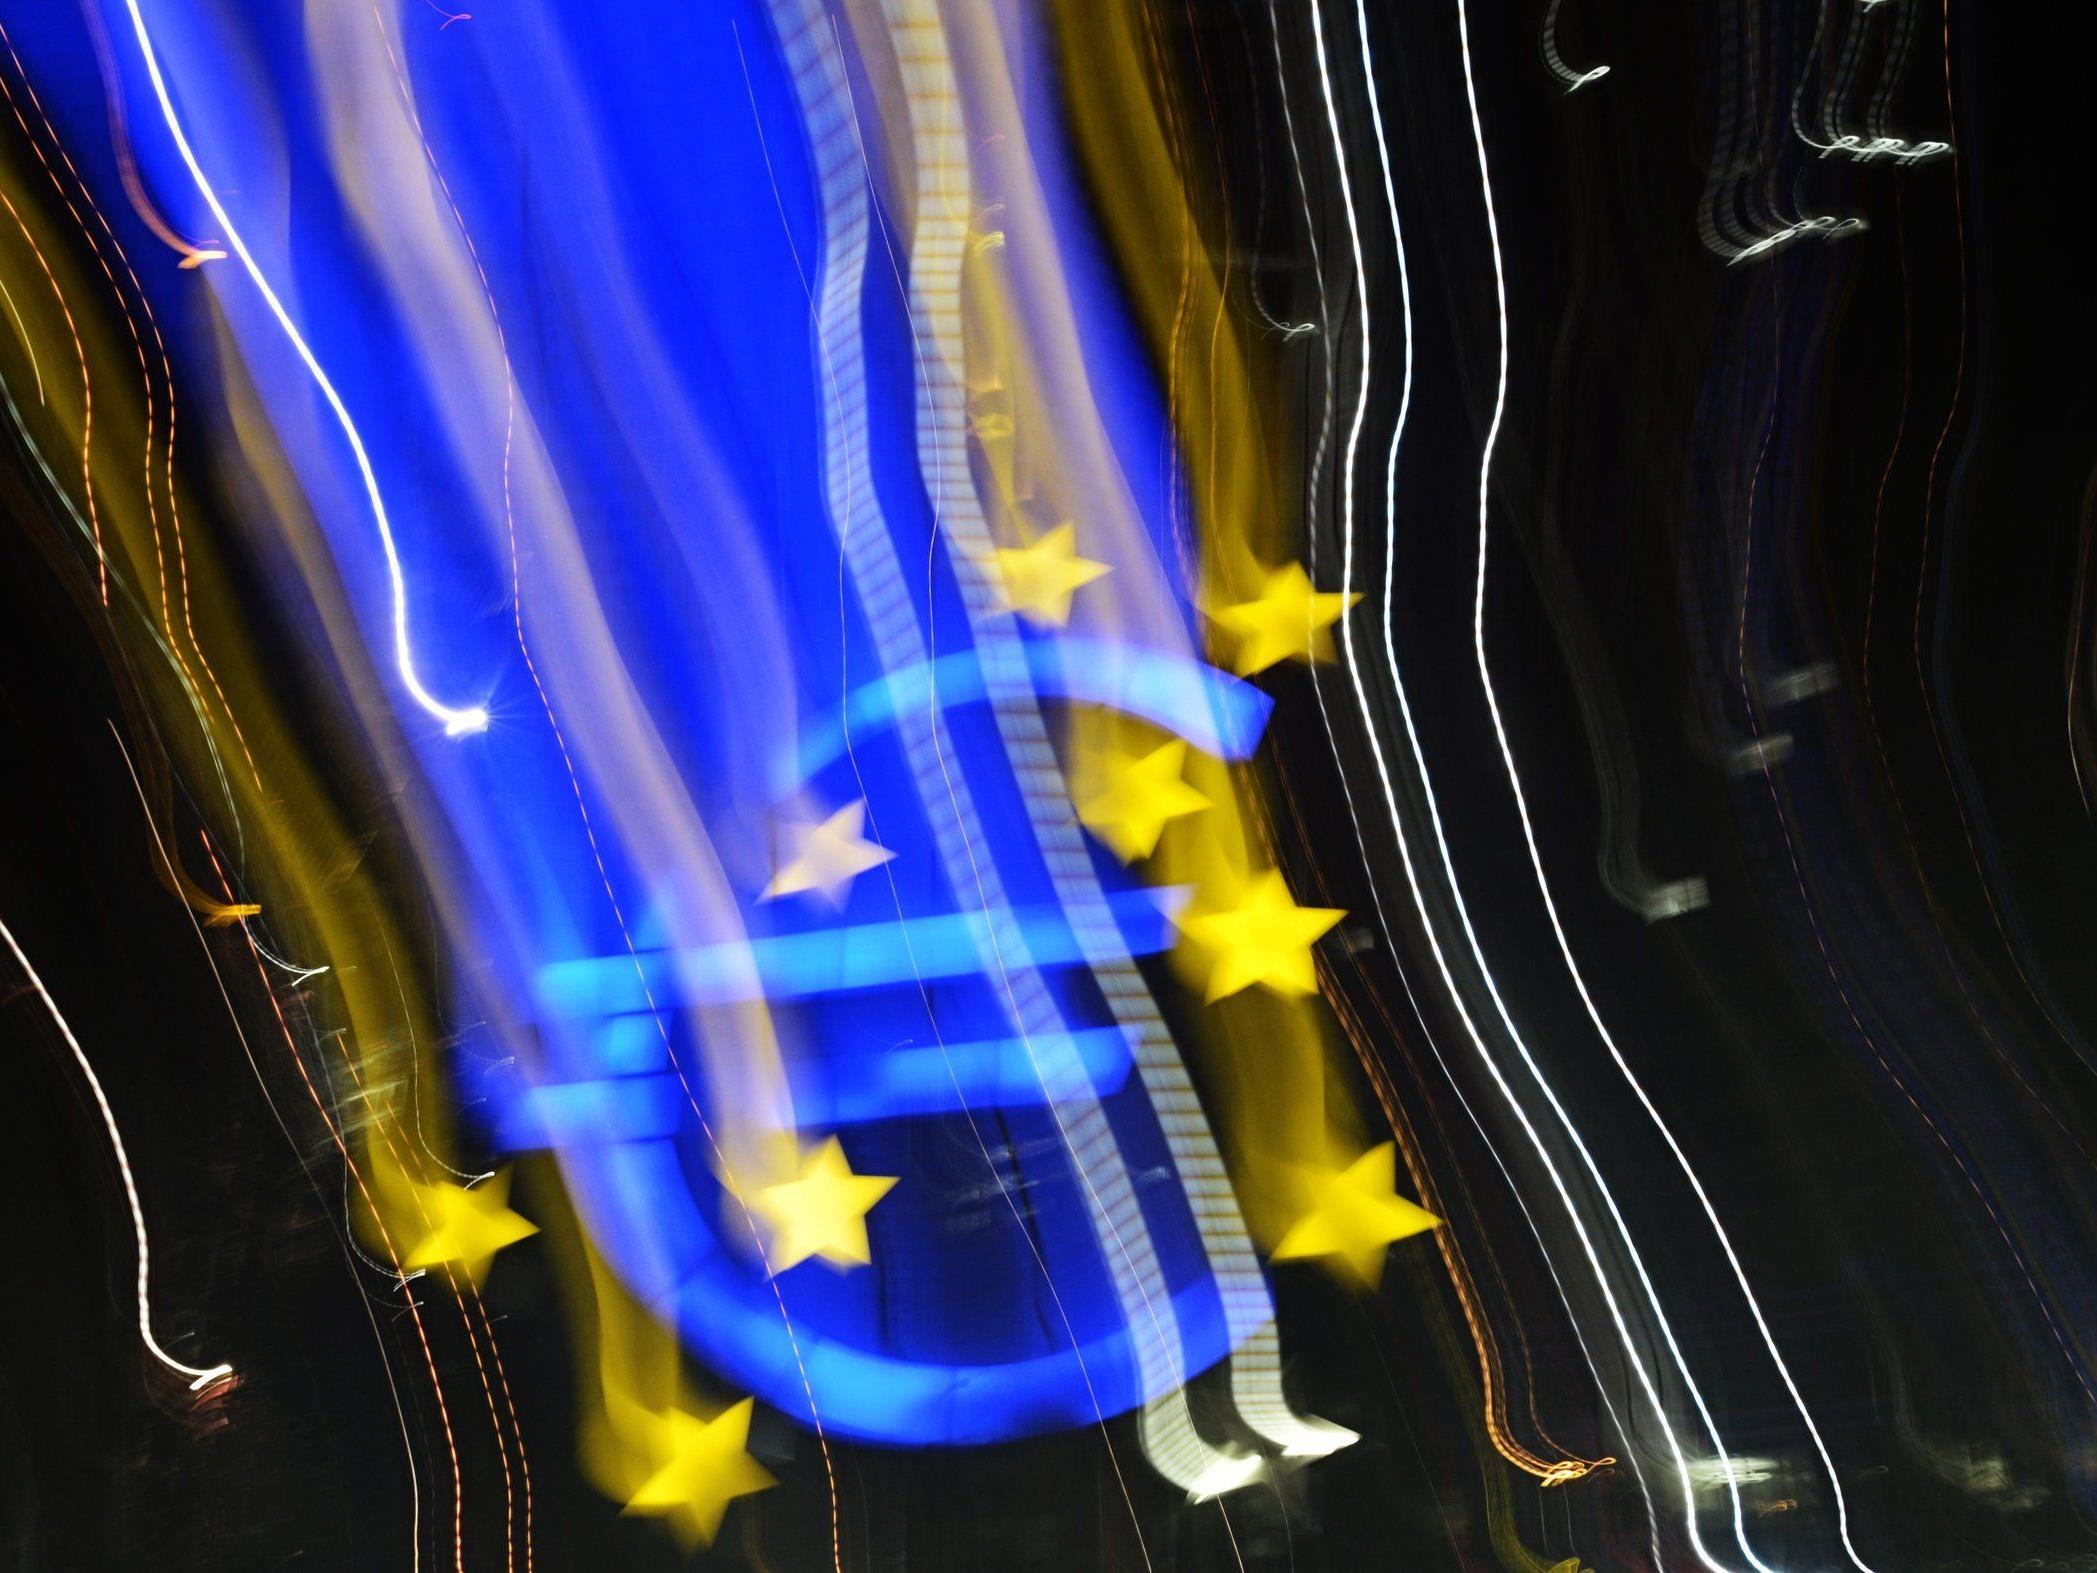 Datendiebstahl bei Hackerangriff auf EZB-Homepage